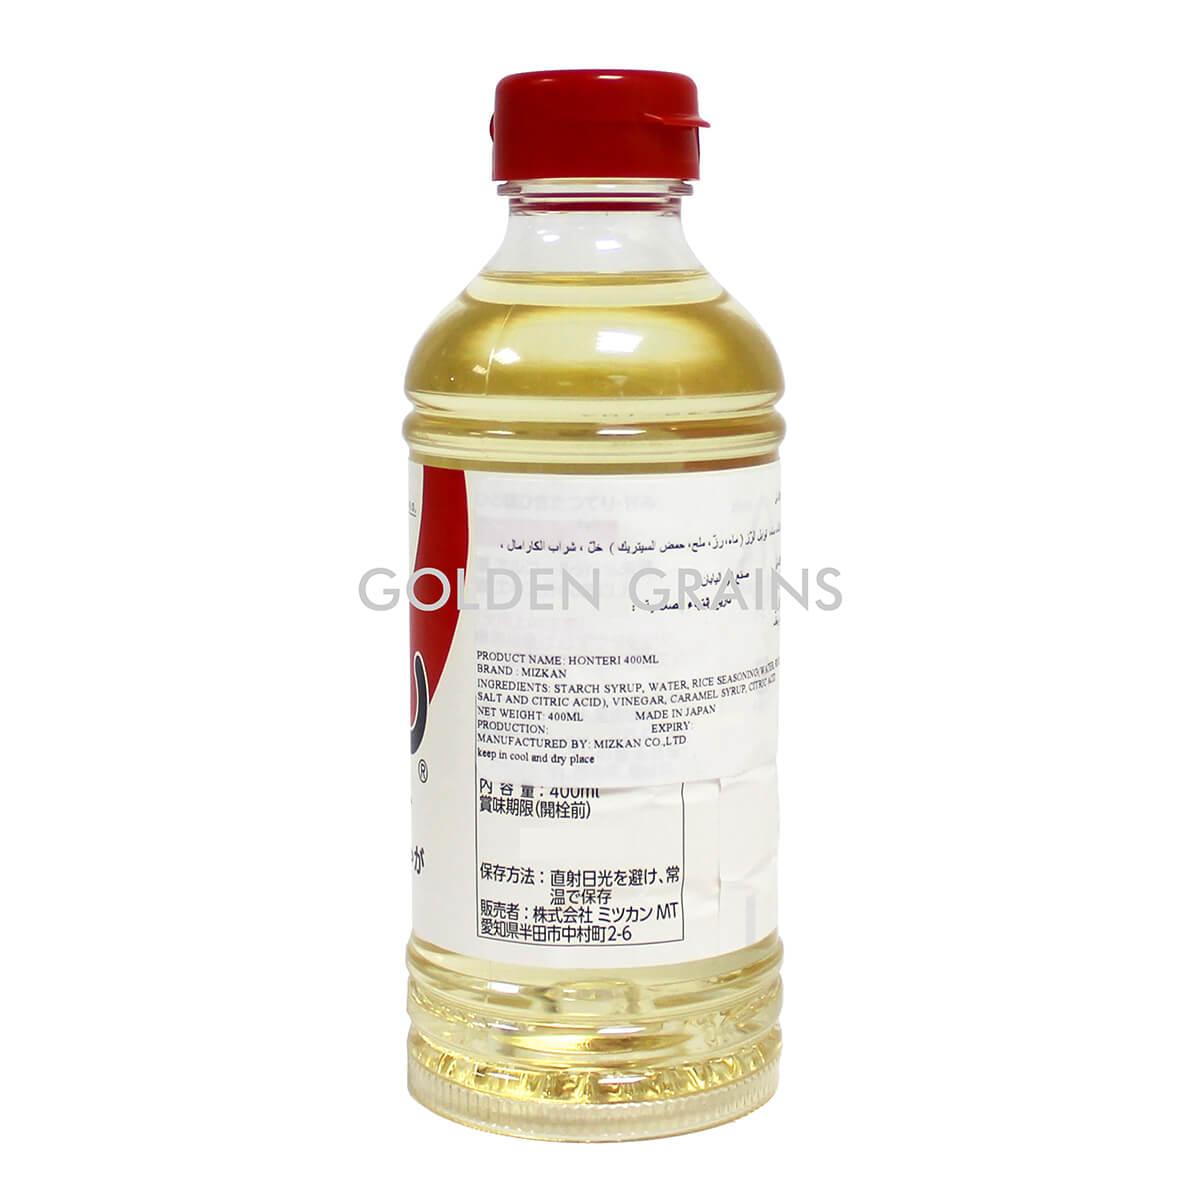 Golden Grains Mizkan - Honteri Small - Back.jpg